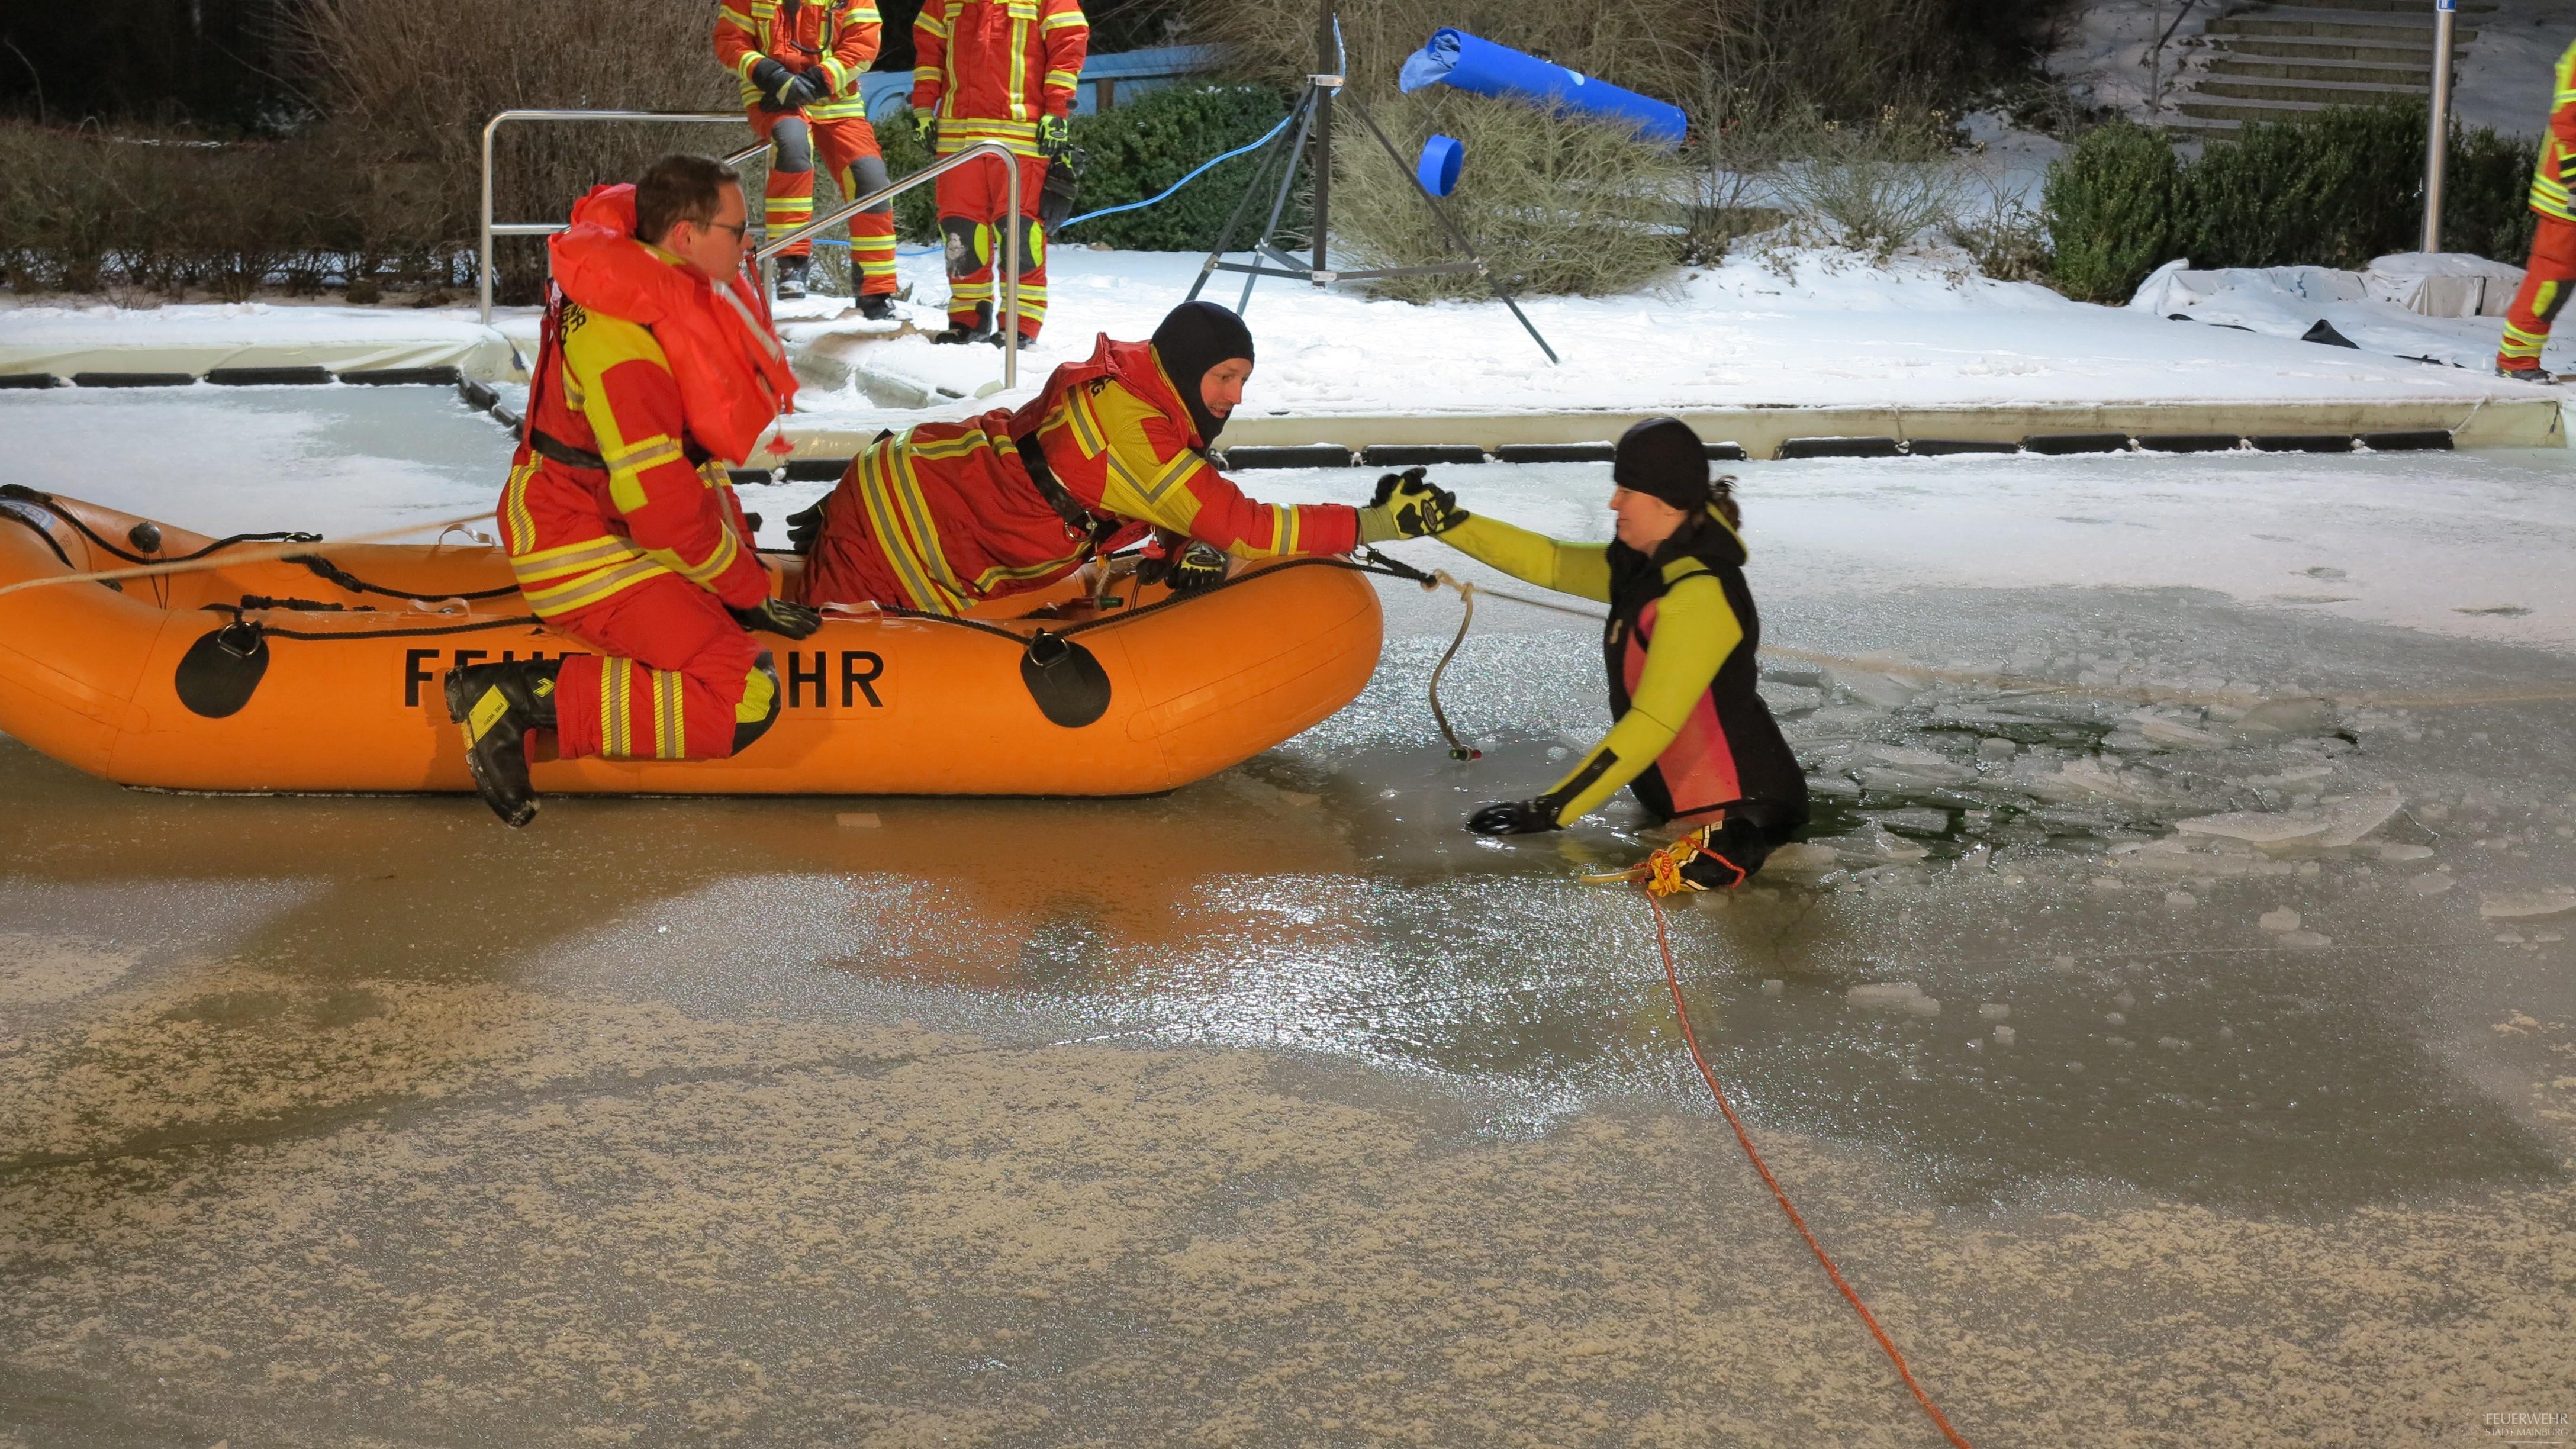 Rettung durch das Schlauchboot.